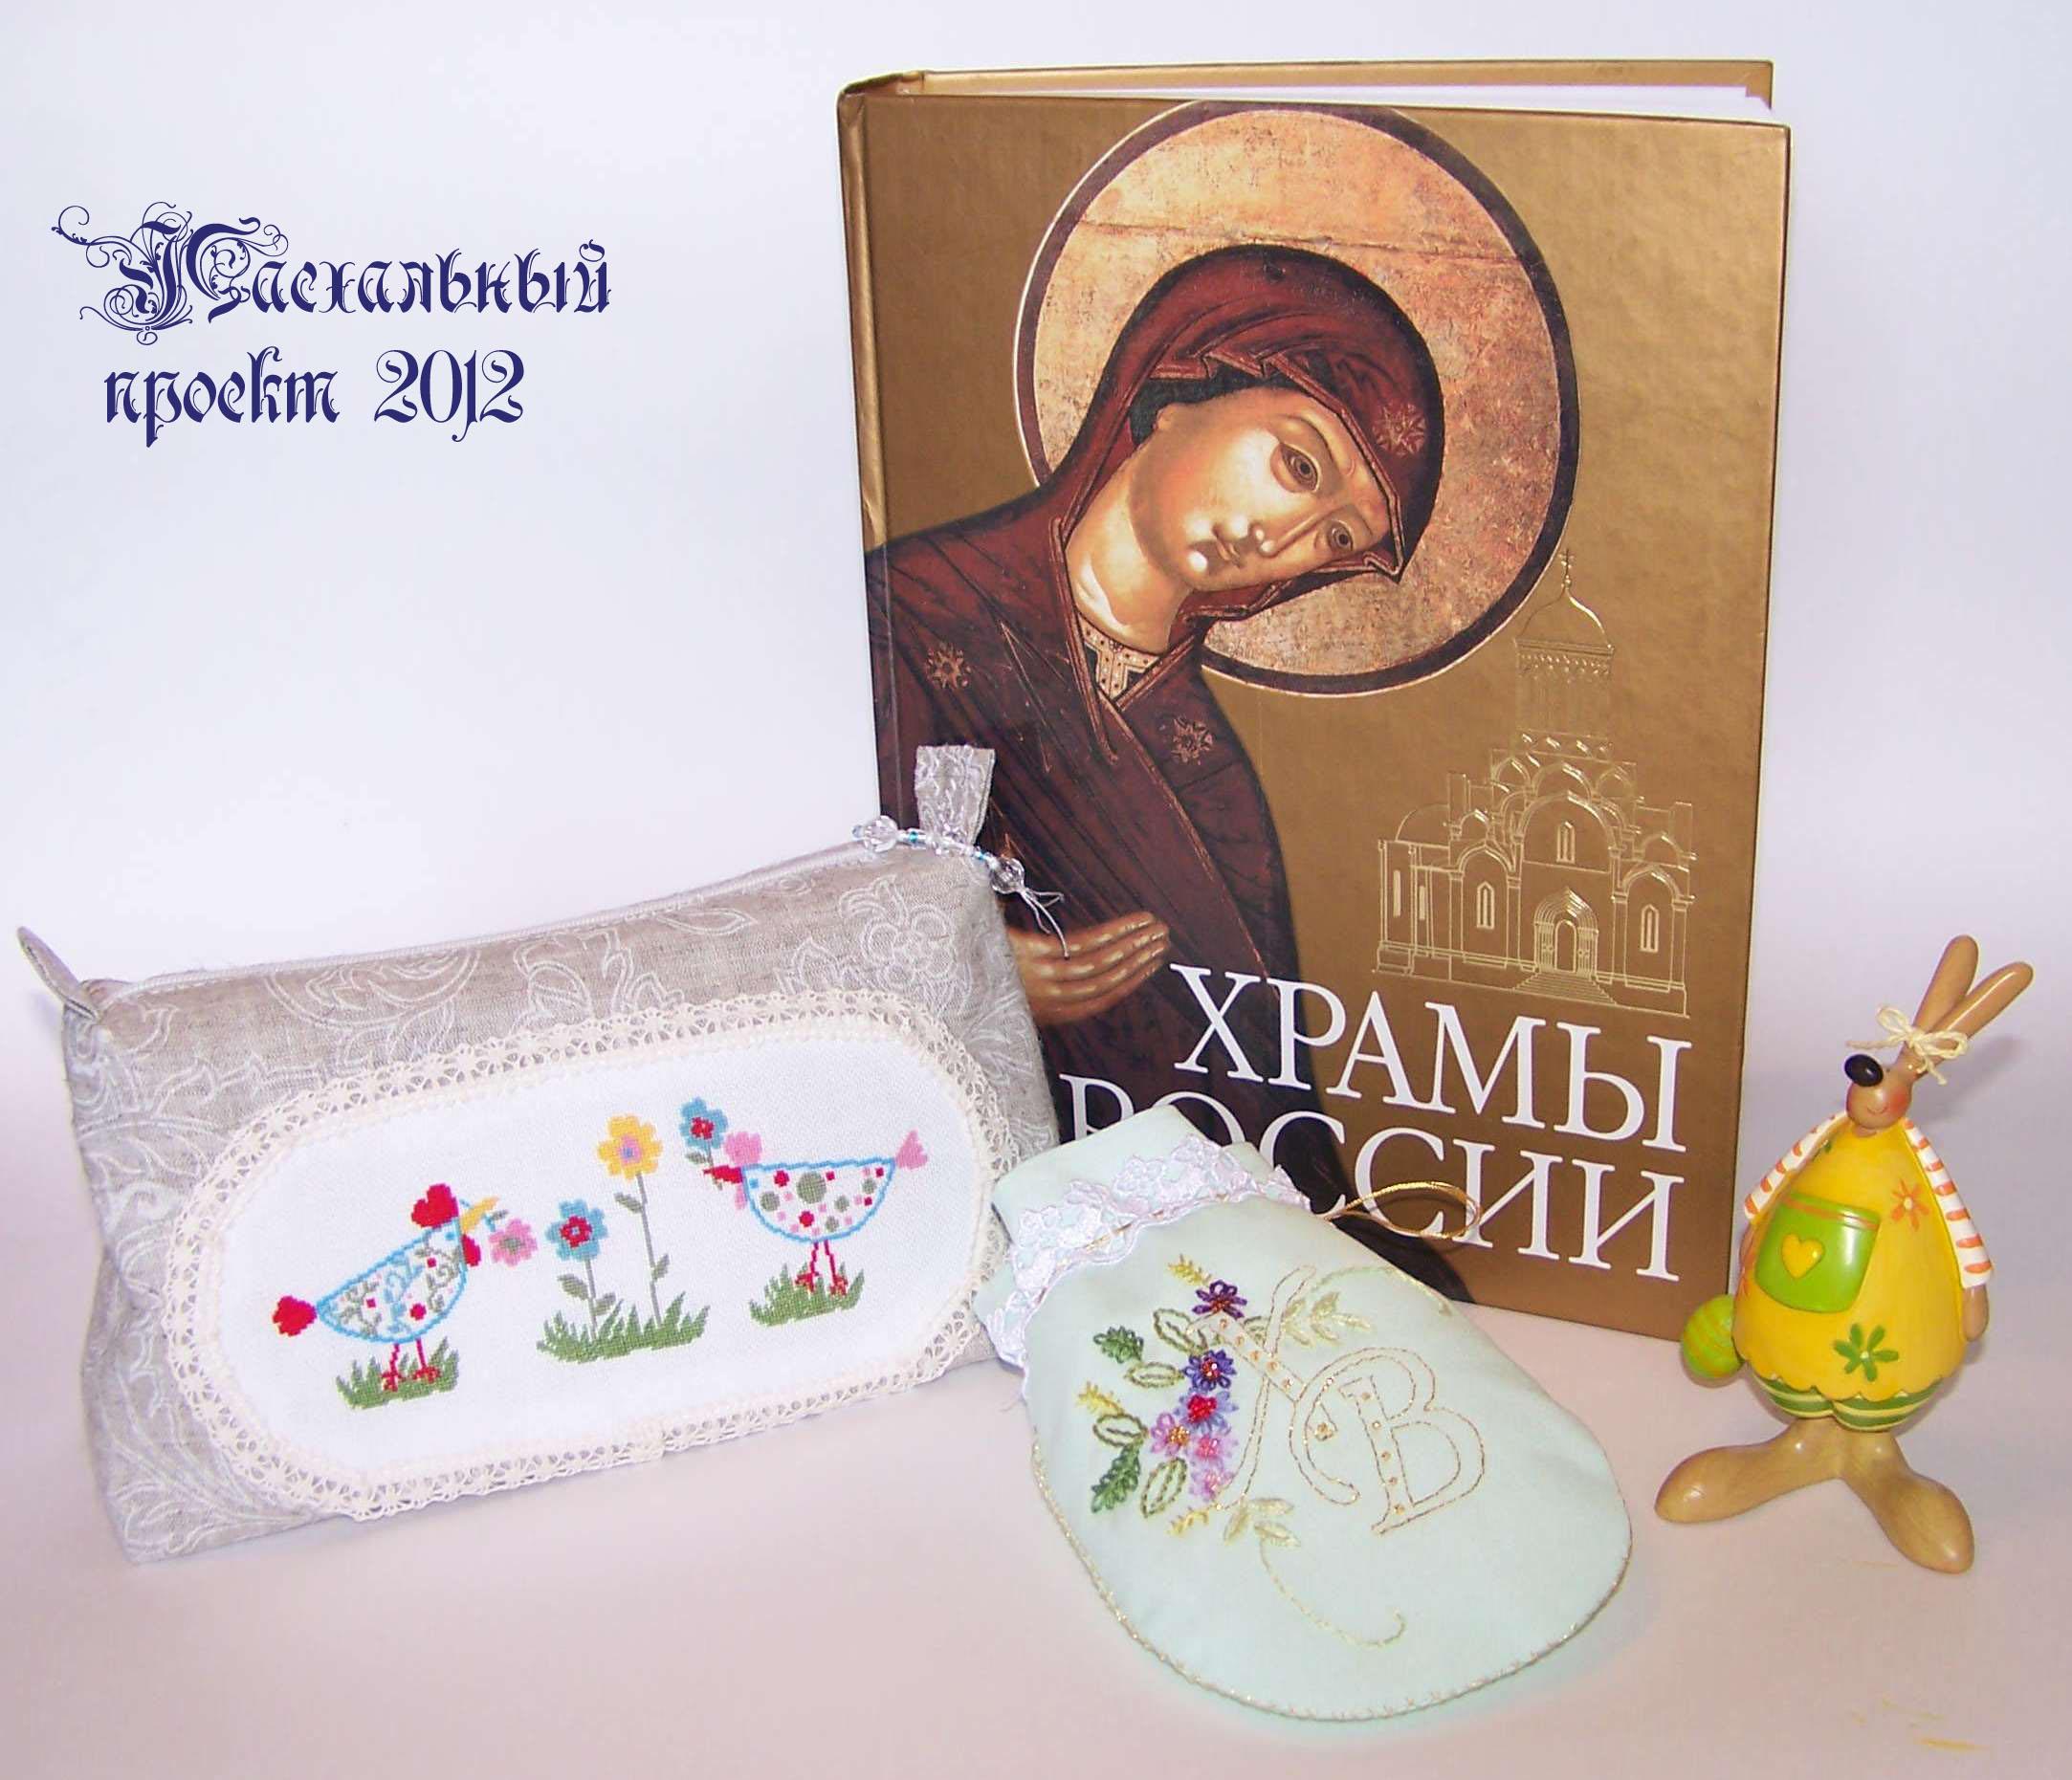 04 skakun. 2012 Пасхальный проект